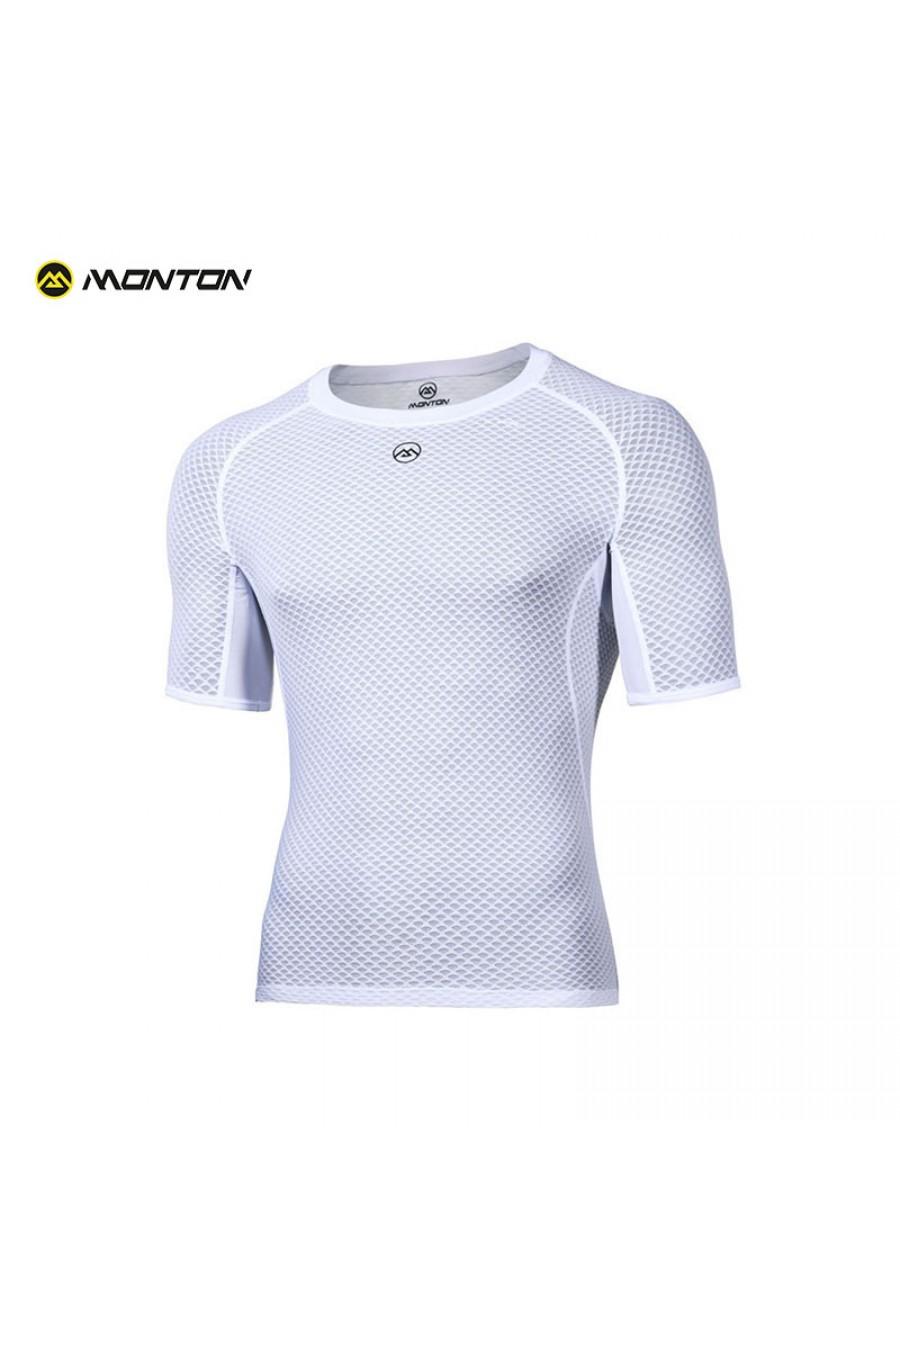 Buy Men s Road Cycling Base Layer Shirt Light Weight fb181e0fa